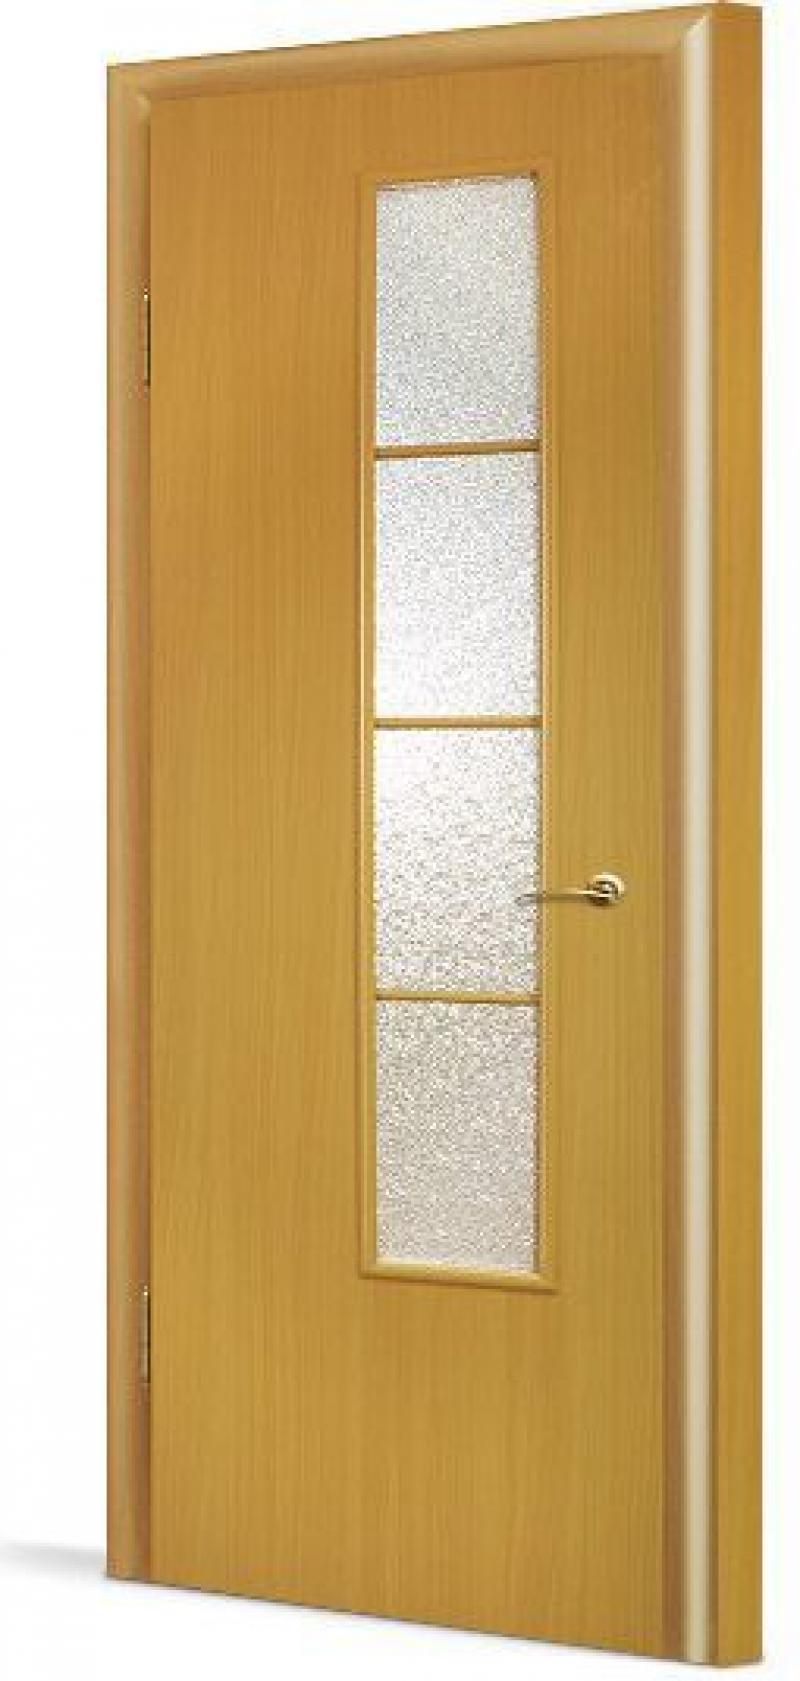 Полотно дверное остекленное с четвертью, 700 мм, орех